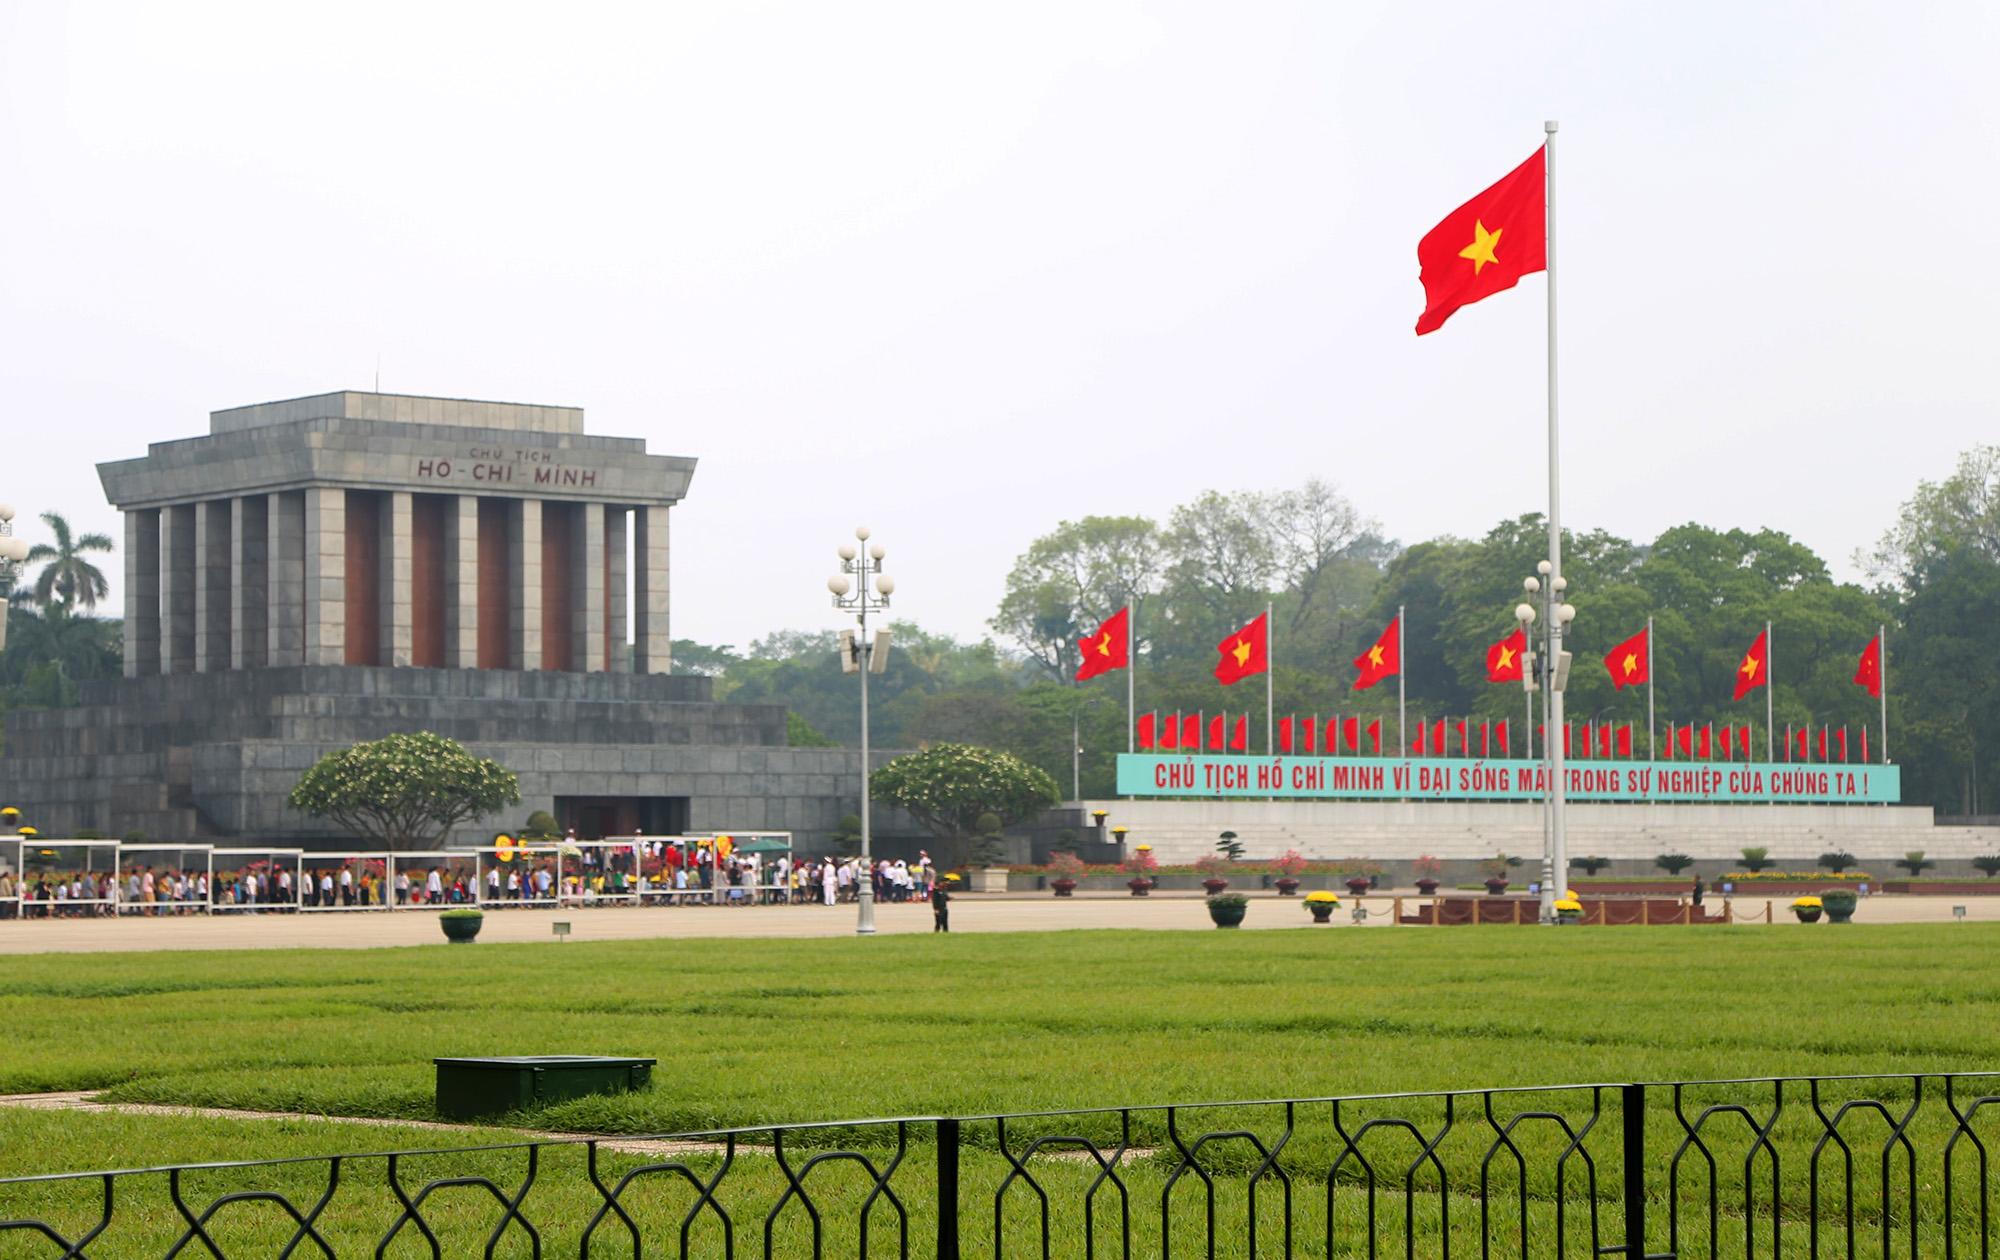 Giới thiệu đôi nét về lịch sử Quảng Trường Ba Đình ở Hà Nội | Viet ...